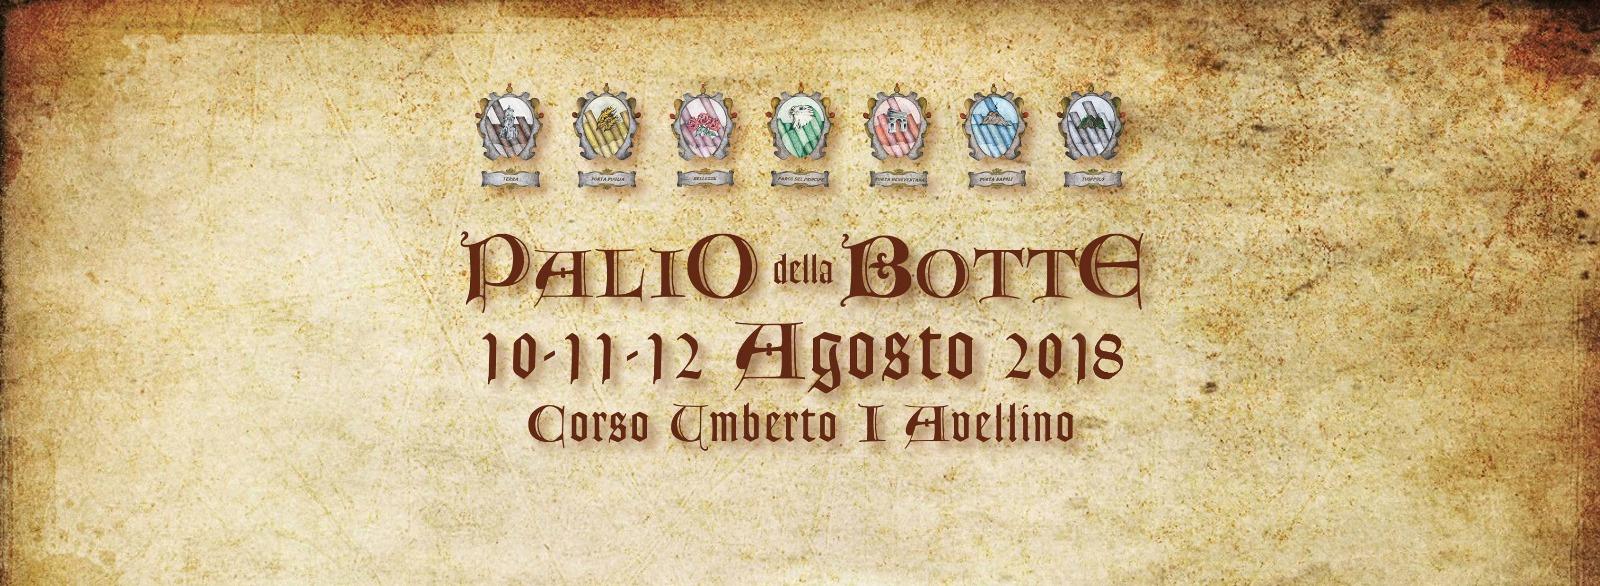 """Avellino: """"Palio della Botte"""" 2018, vince Contrada Bellezze"""